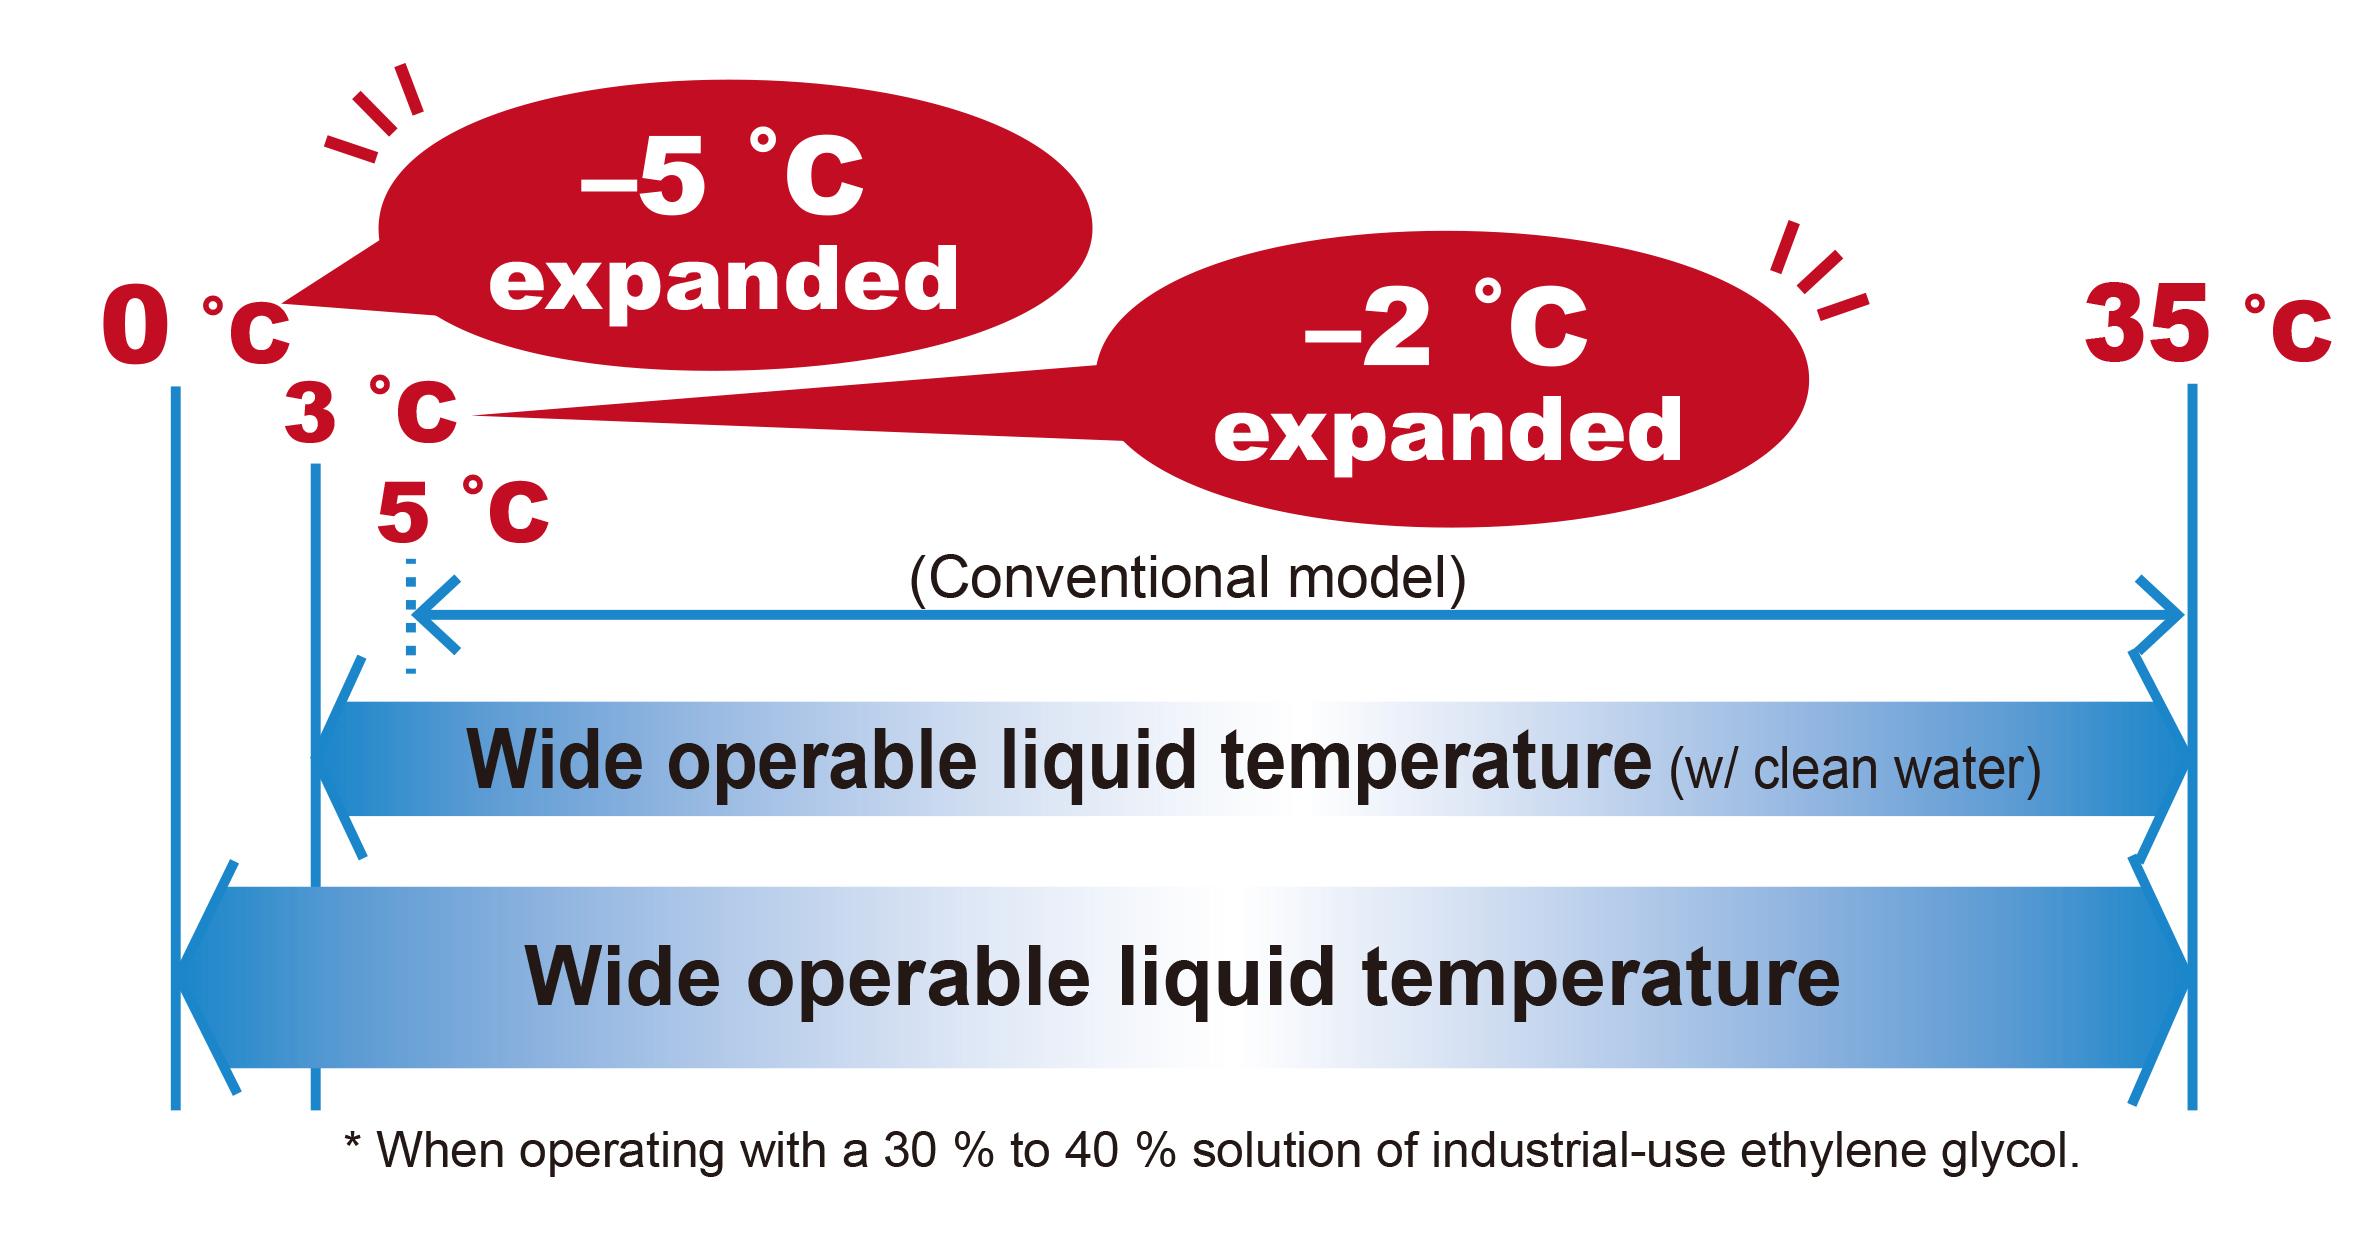 Wider Operating Temperature Range (Liquid Temperature)